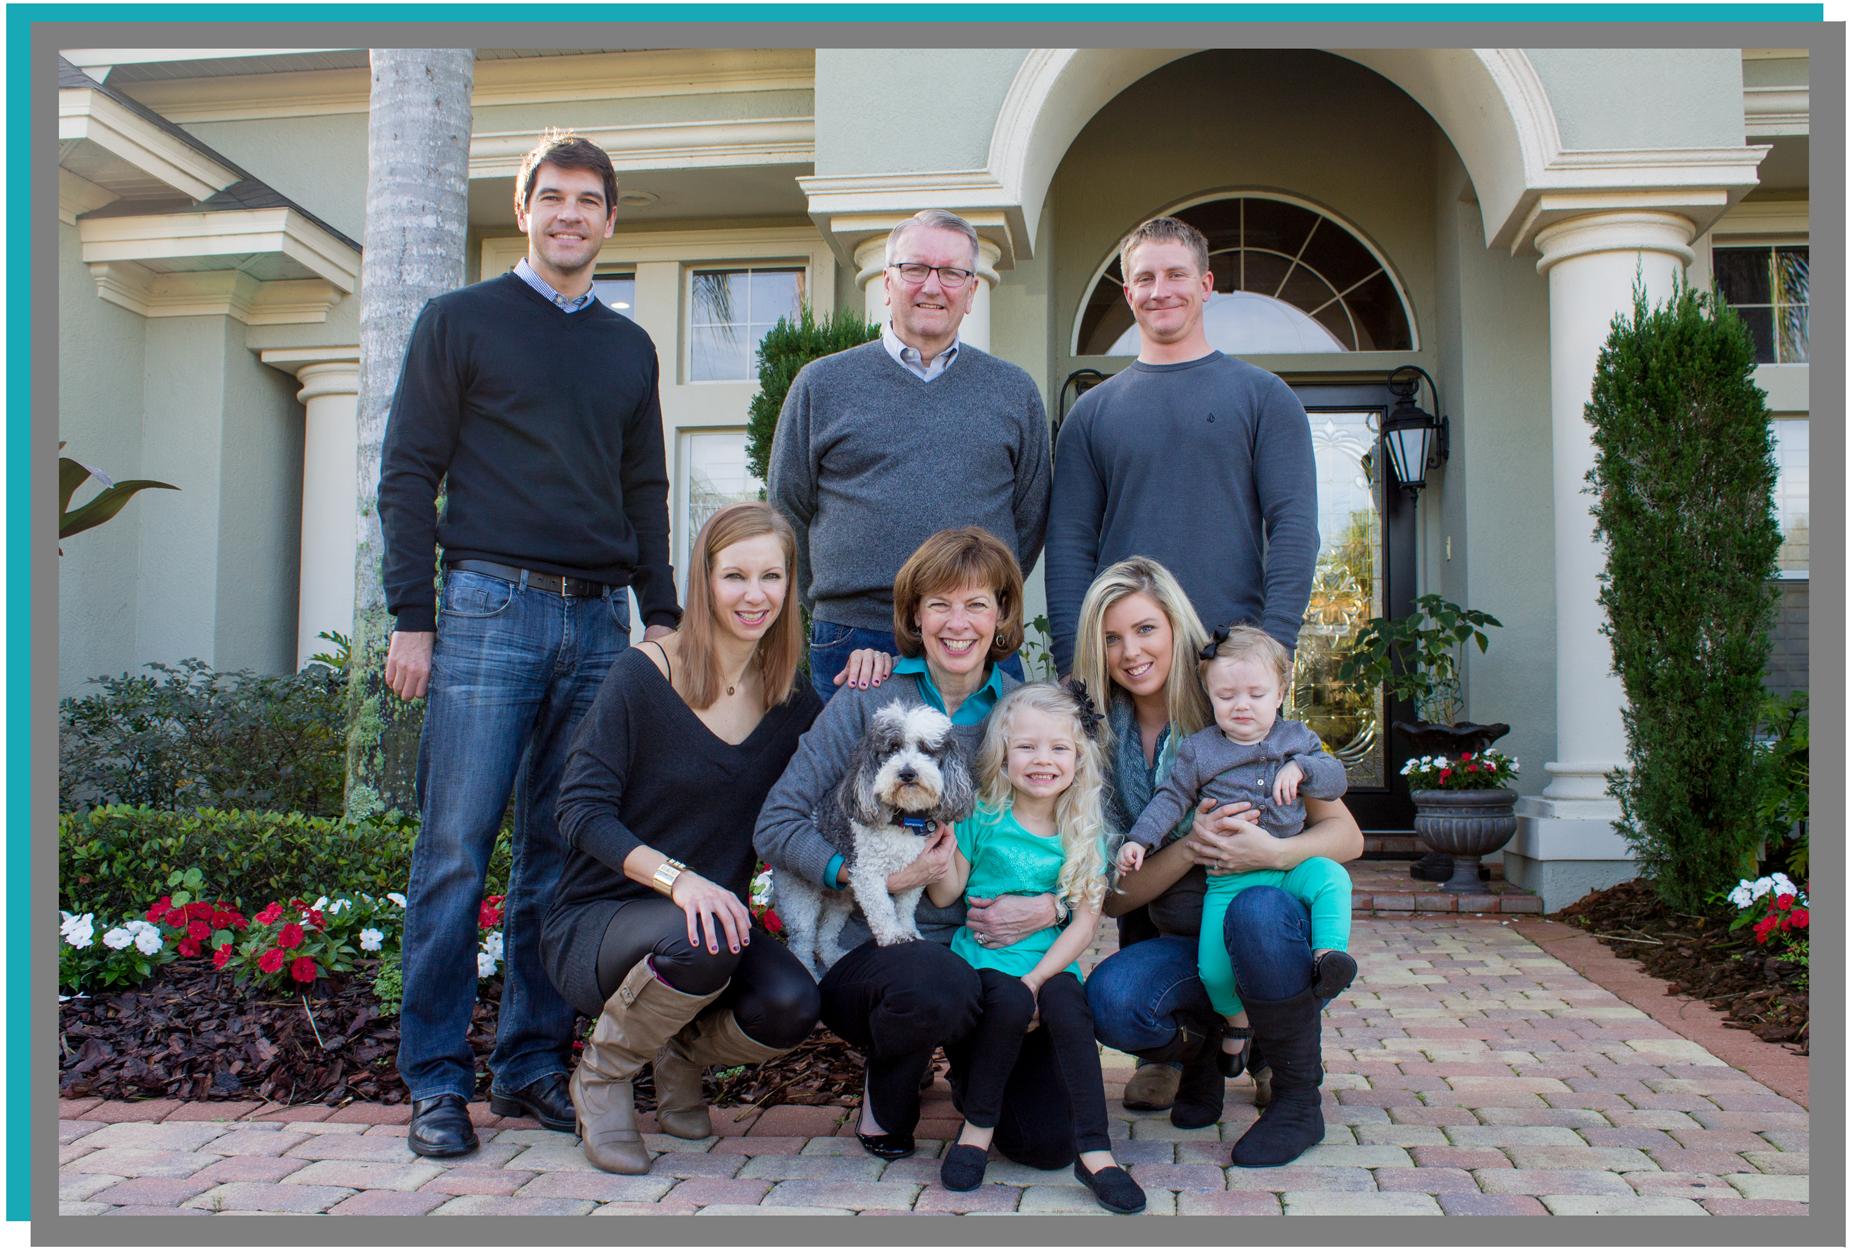 FamilyPicture2015edits2